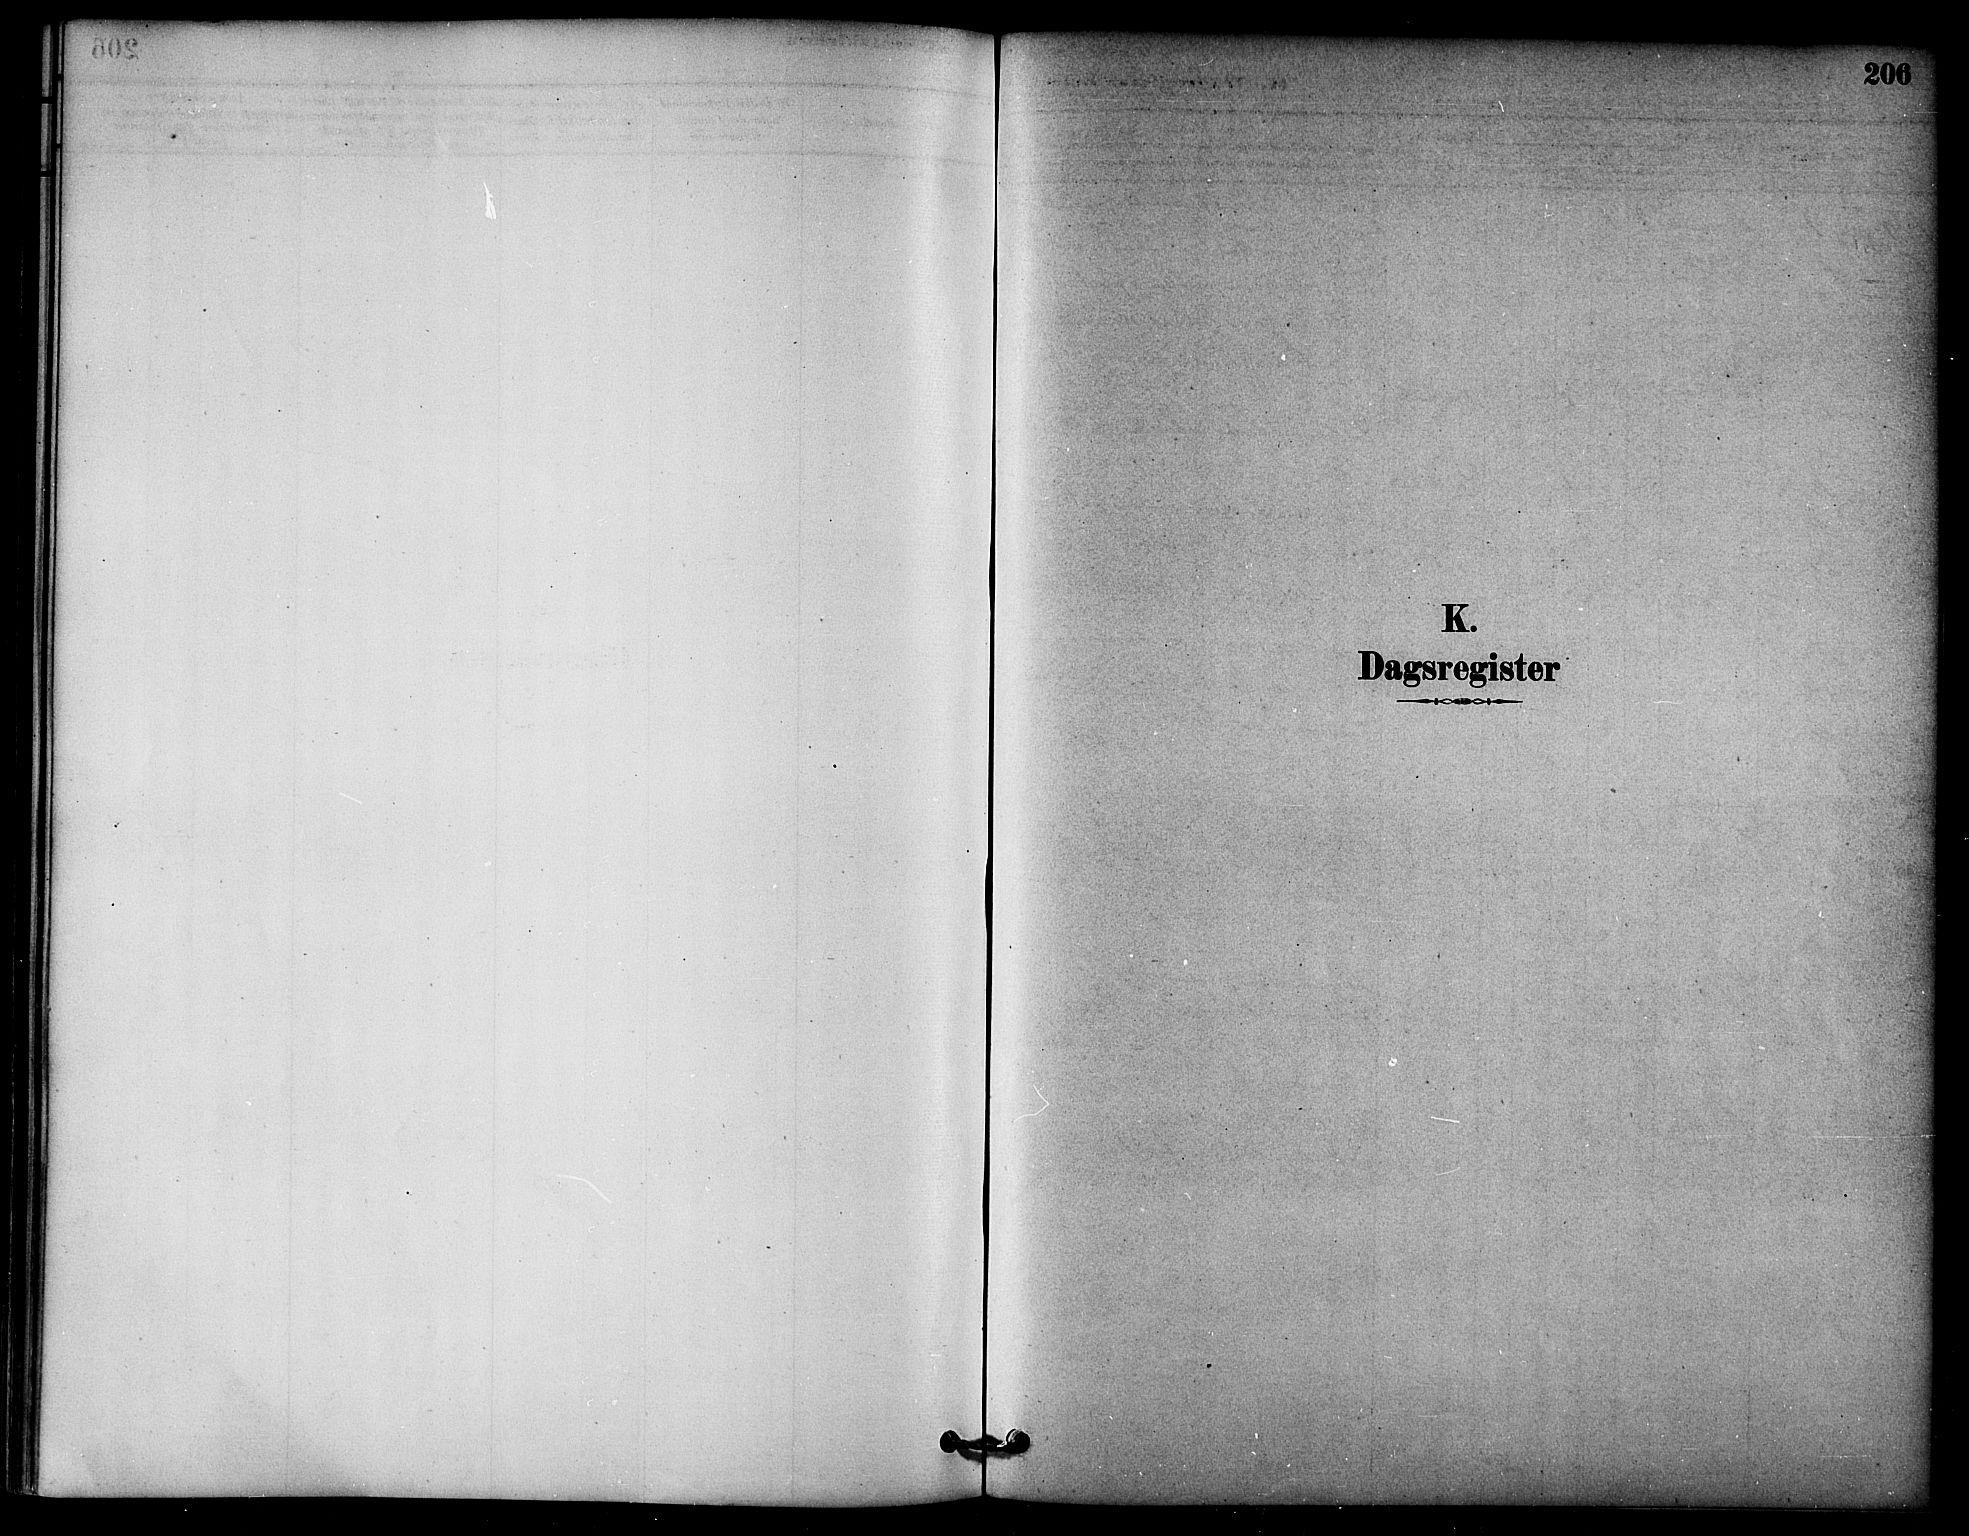 SAT, Ministerialprotokoller, klokkerbøker og fødselsregistre - Nord-Trøndelag, 764/L0555: Ministerialbok nr. 764A10, 1881-1896, s. 206